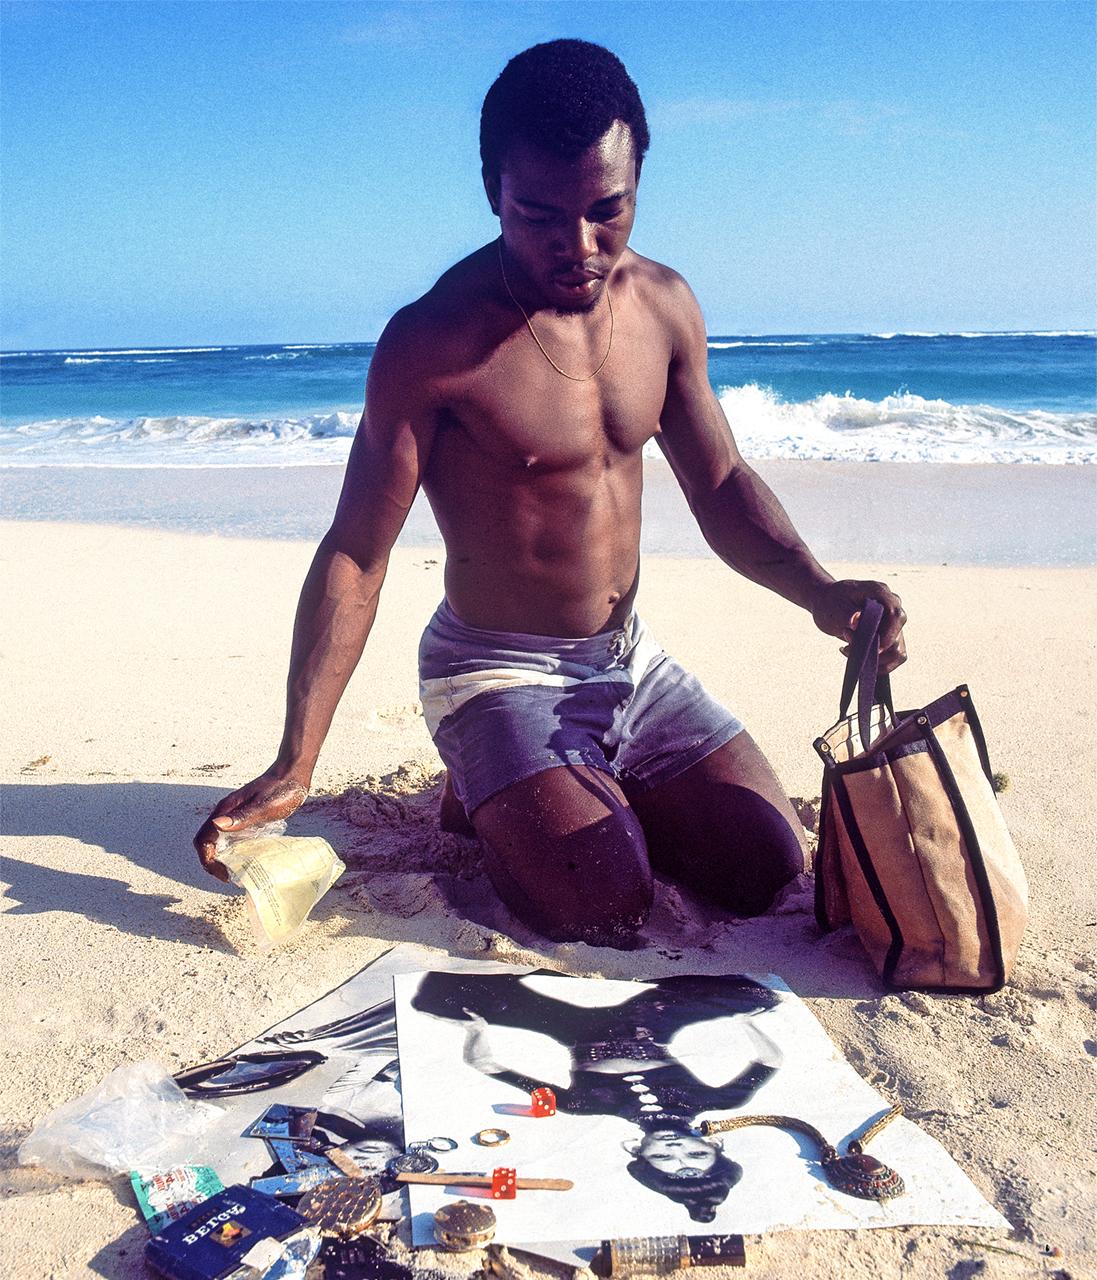 HQ-man-on-beach-with-Photos.jpg